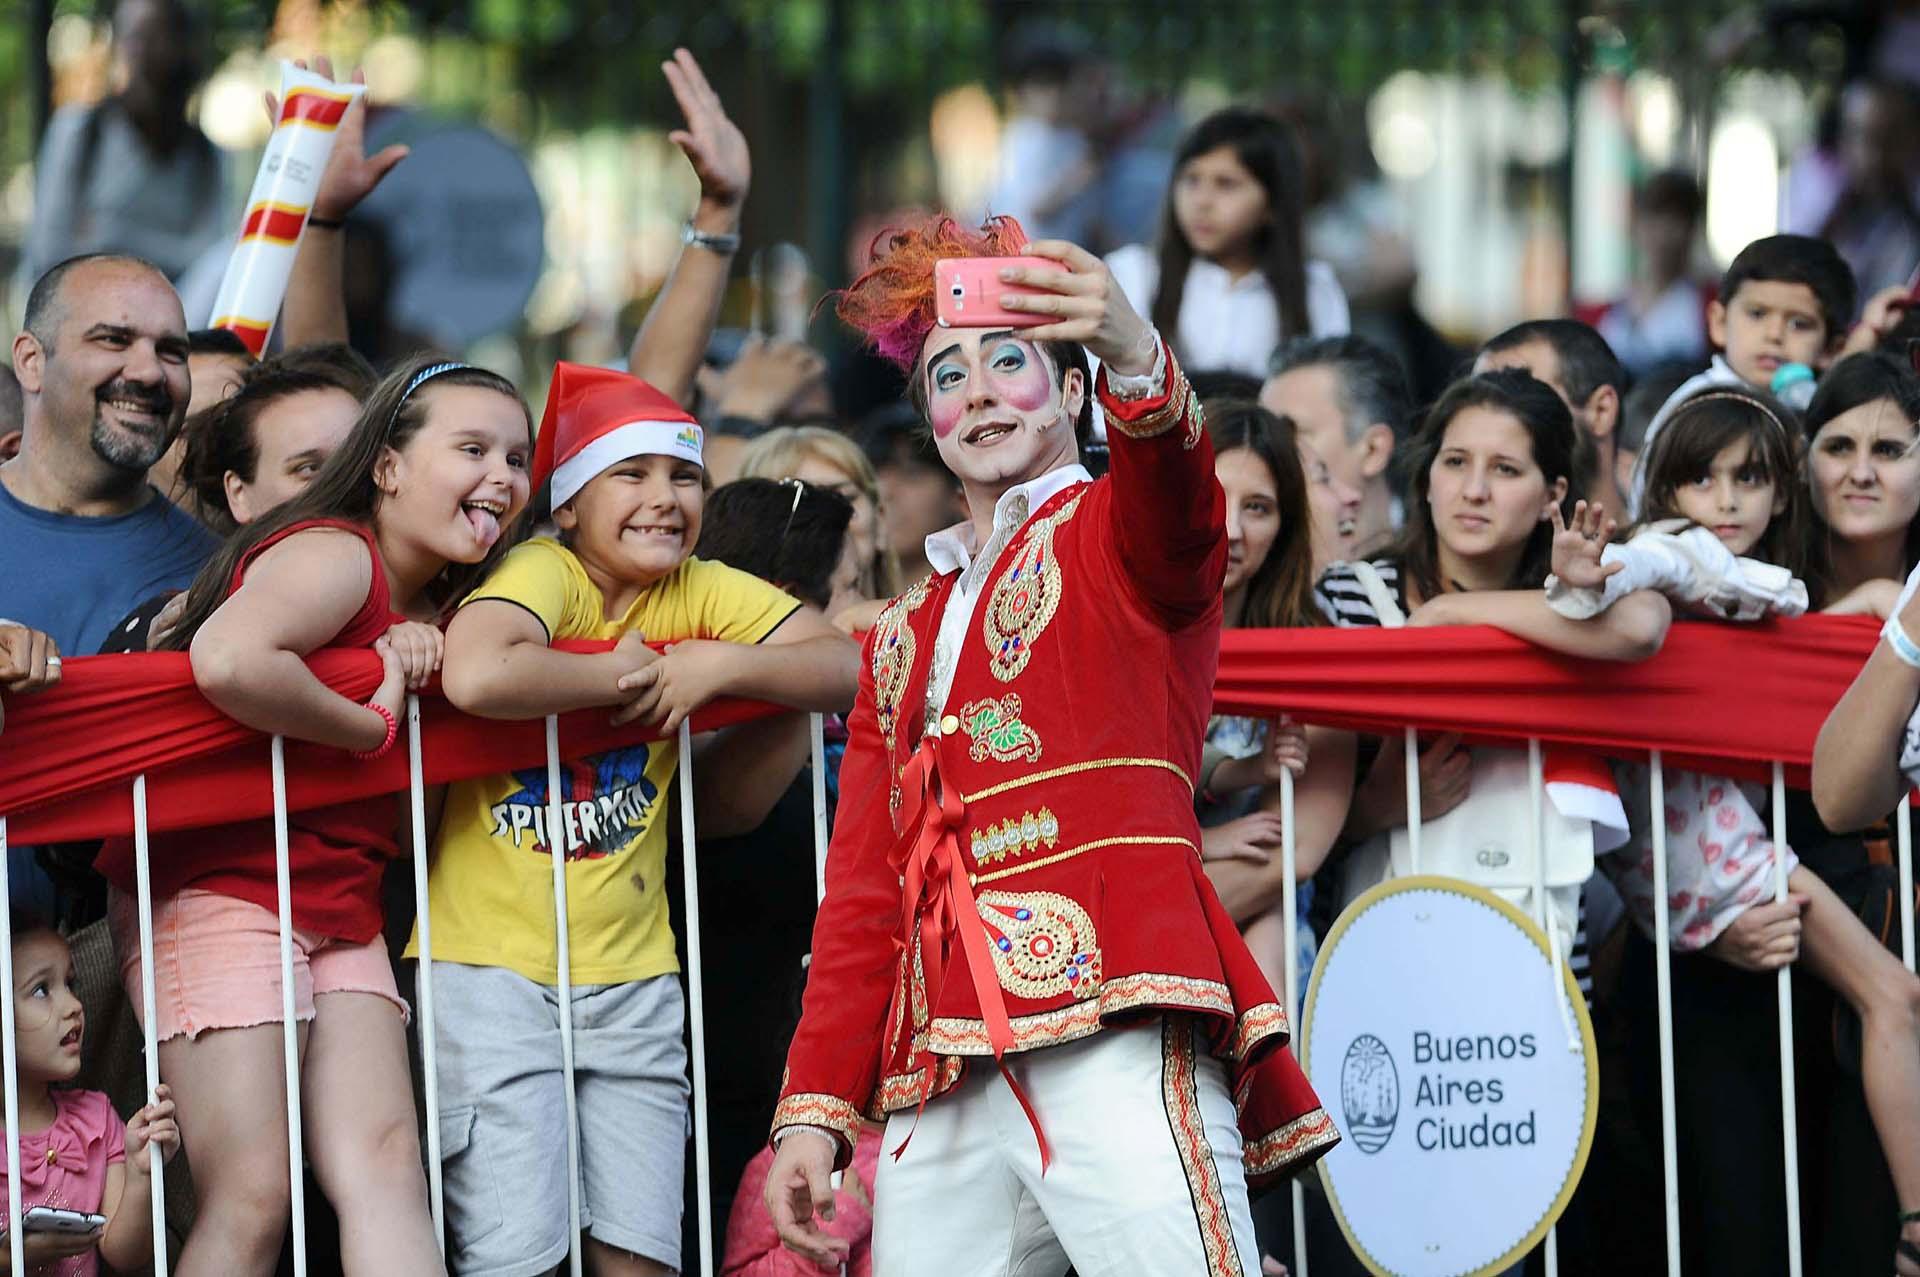 Desde distintos barrios de la Ciudad y hasta inclusive del conurbano bonaerense, decenas de miles de personas se acercaron para ver el desfile